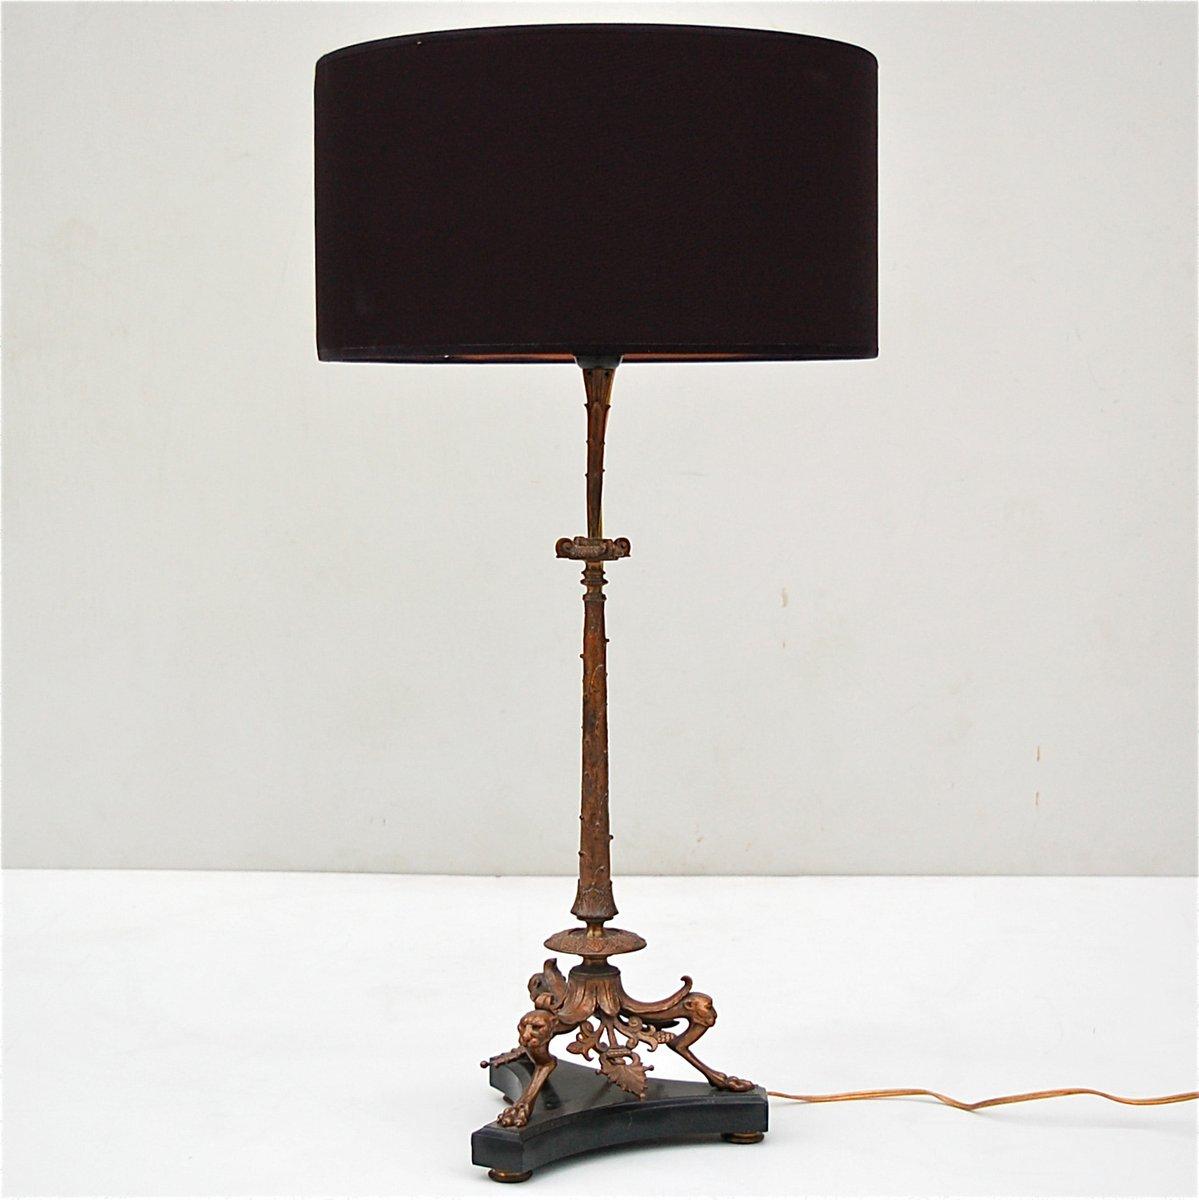 Lampe De Bureau Avec Tetes De Panthere En Bronze Sur Socle En Marbre Noir 19eme Siecle